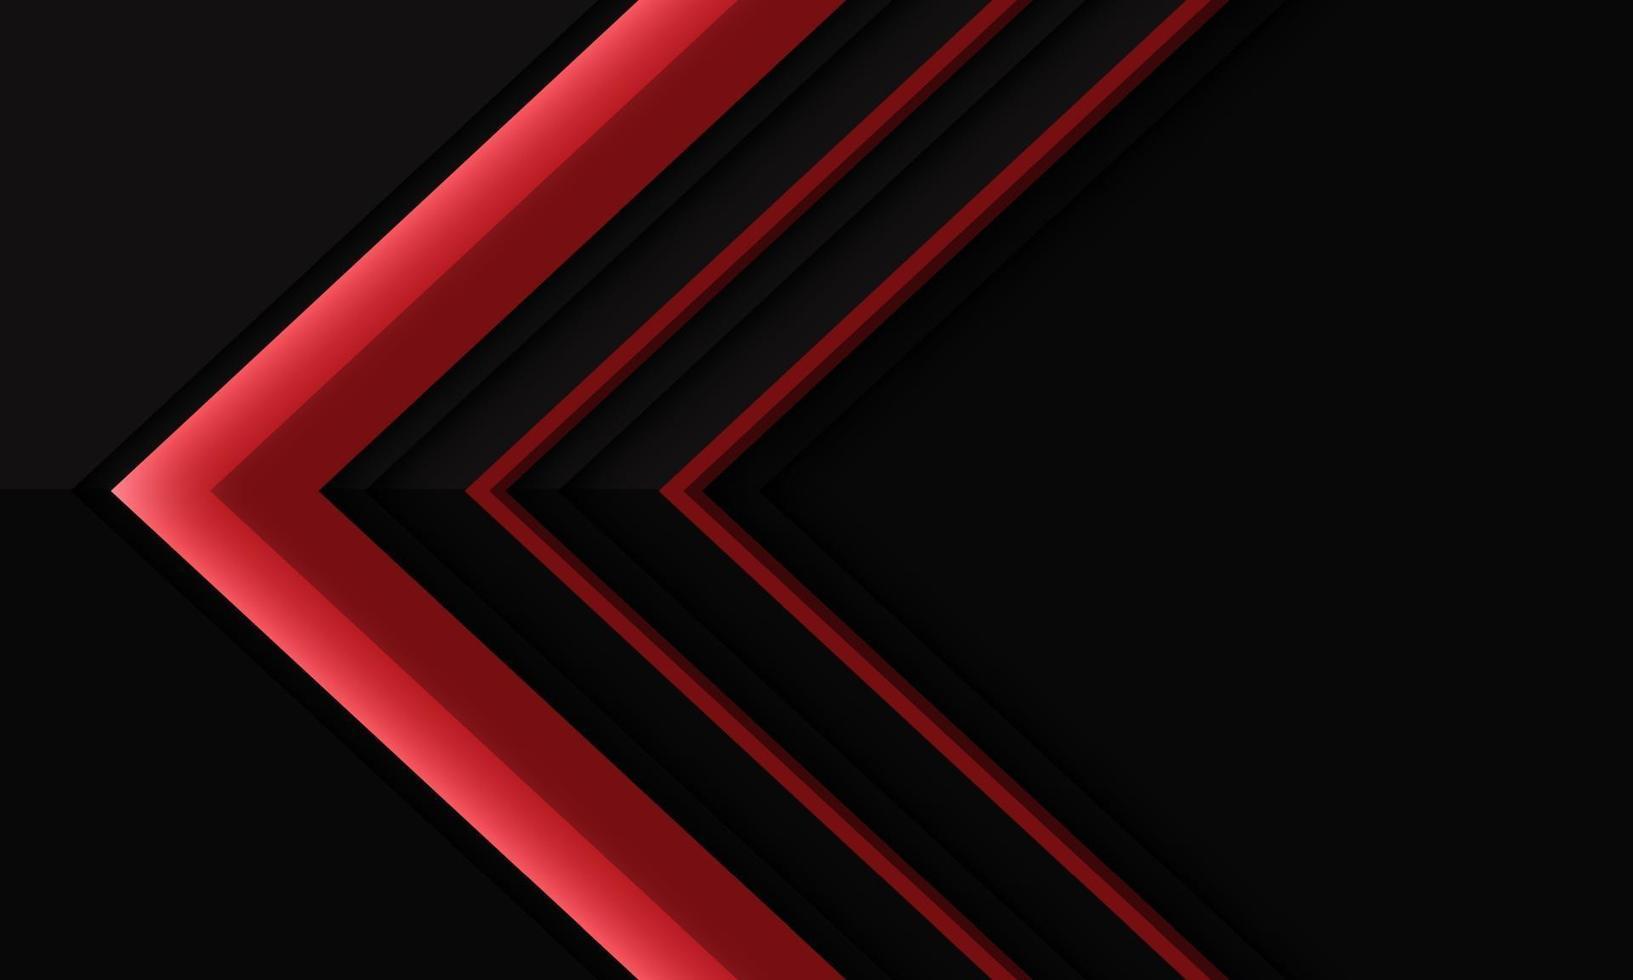 abstrakt röd pilriktning på svart metallisk skugga med tomrumsdesign modern futuristisk bakgrundsvektorillustration. vektor